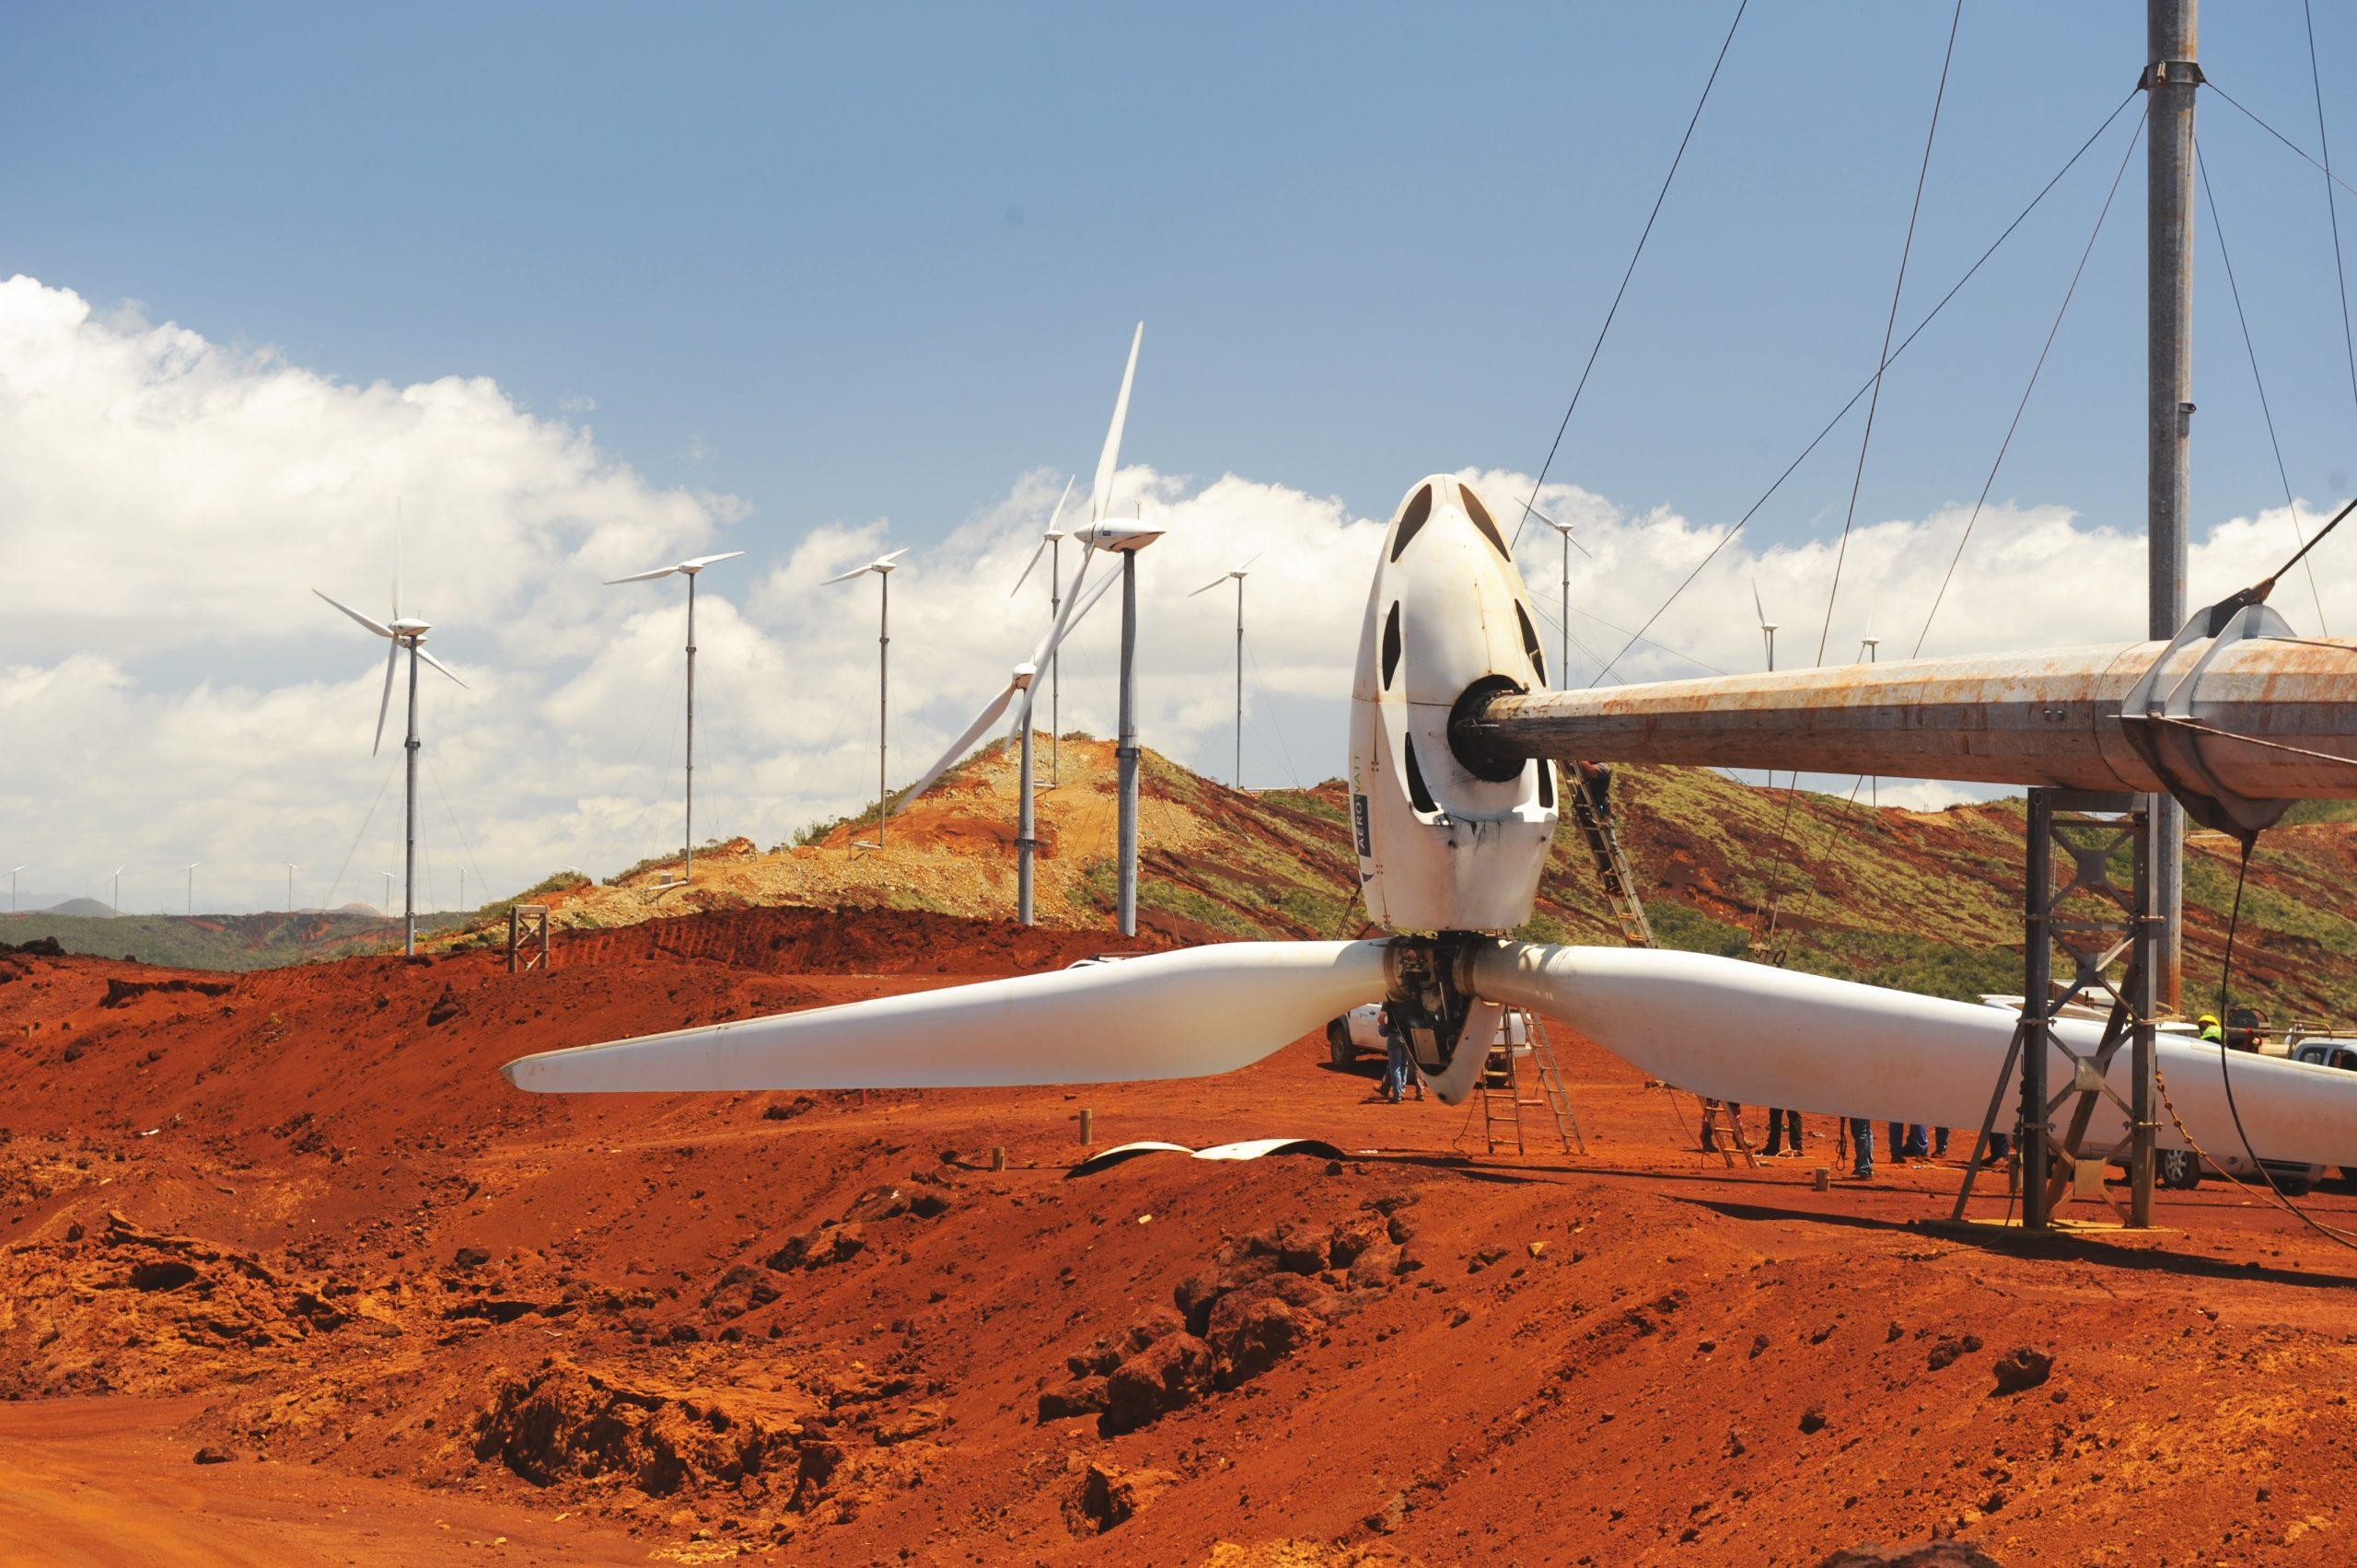 Éolienne de Prony située appartenant à la commune de Mont-Dore - Source: Synergie